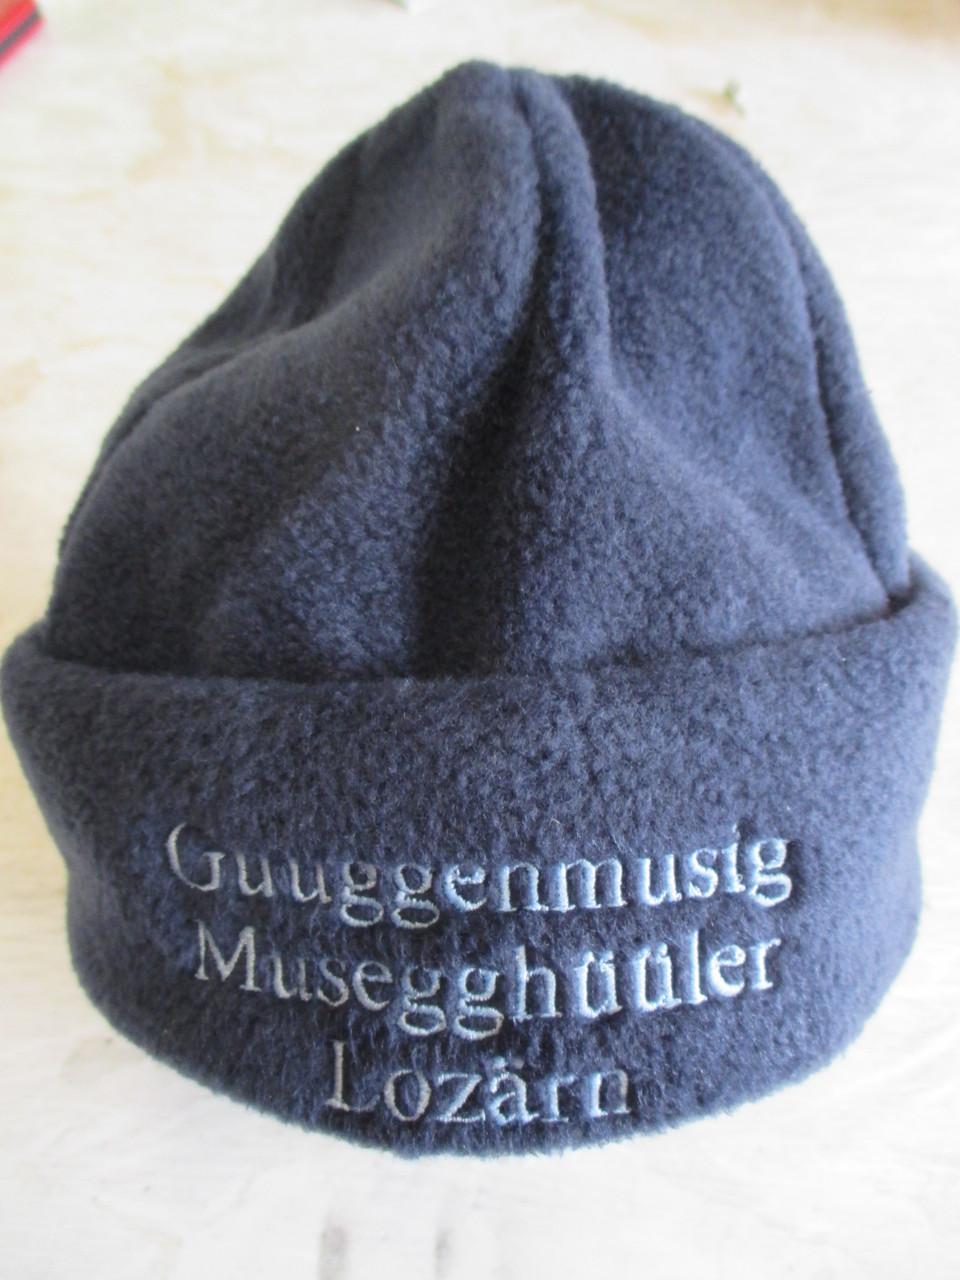 Fleecemütze mit Guggenmuusig Musegghüüler